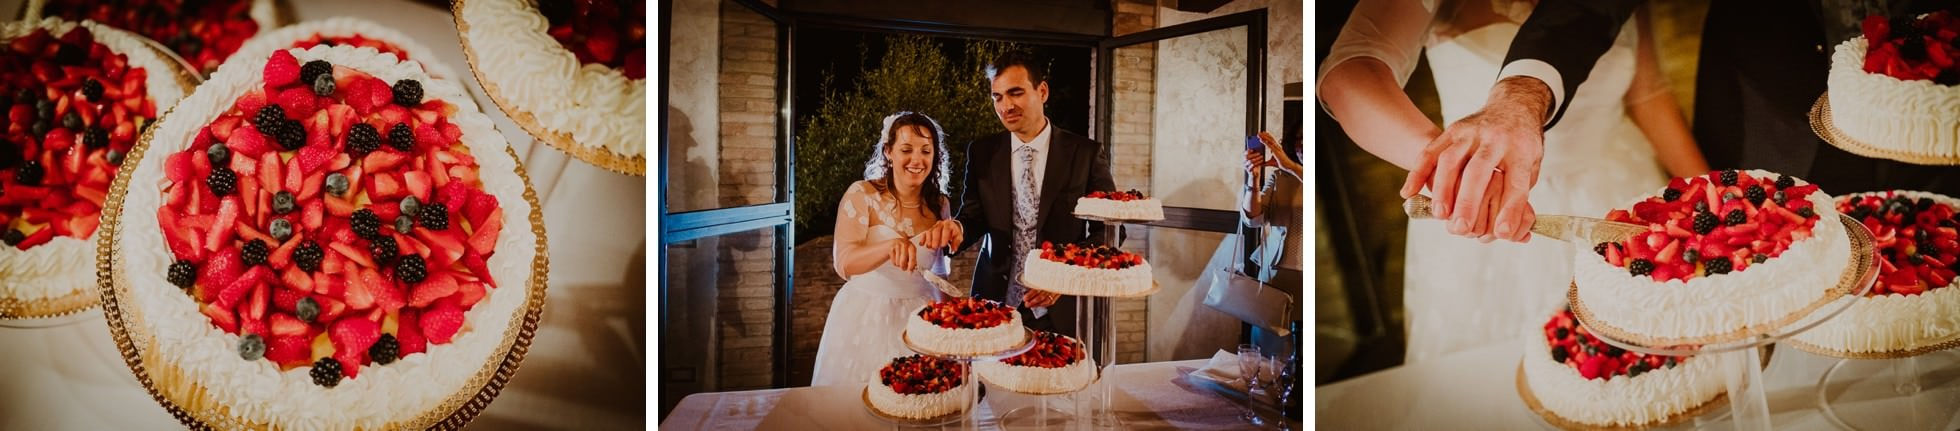 matrimonio Reggio Emilia